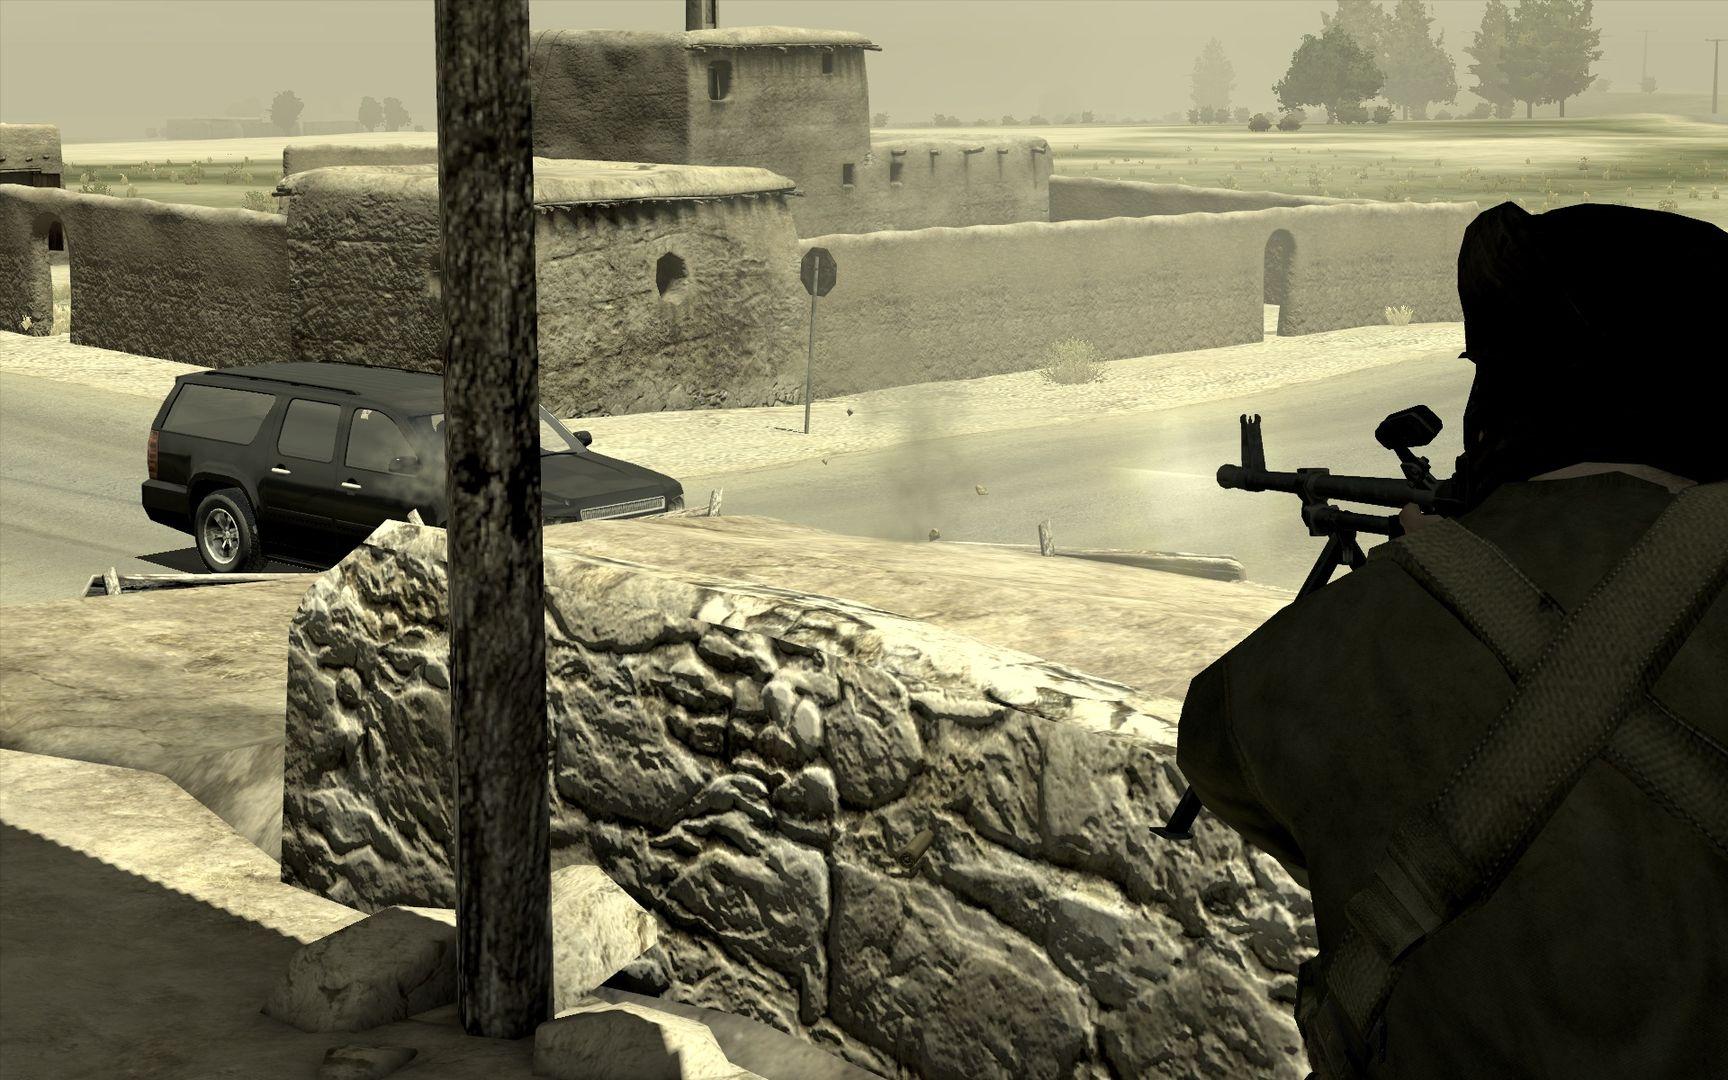 KHAiHOM.com - Arma 2: Private Military Company